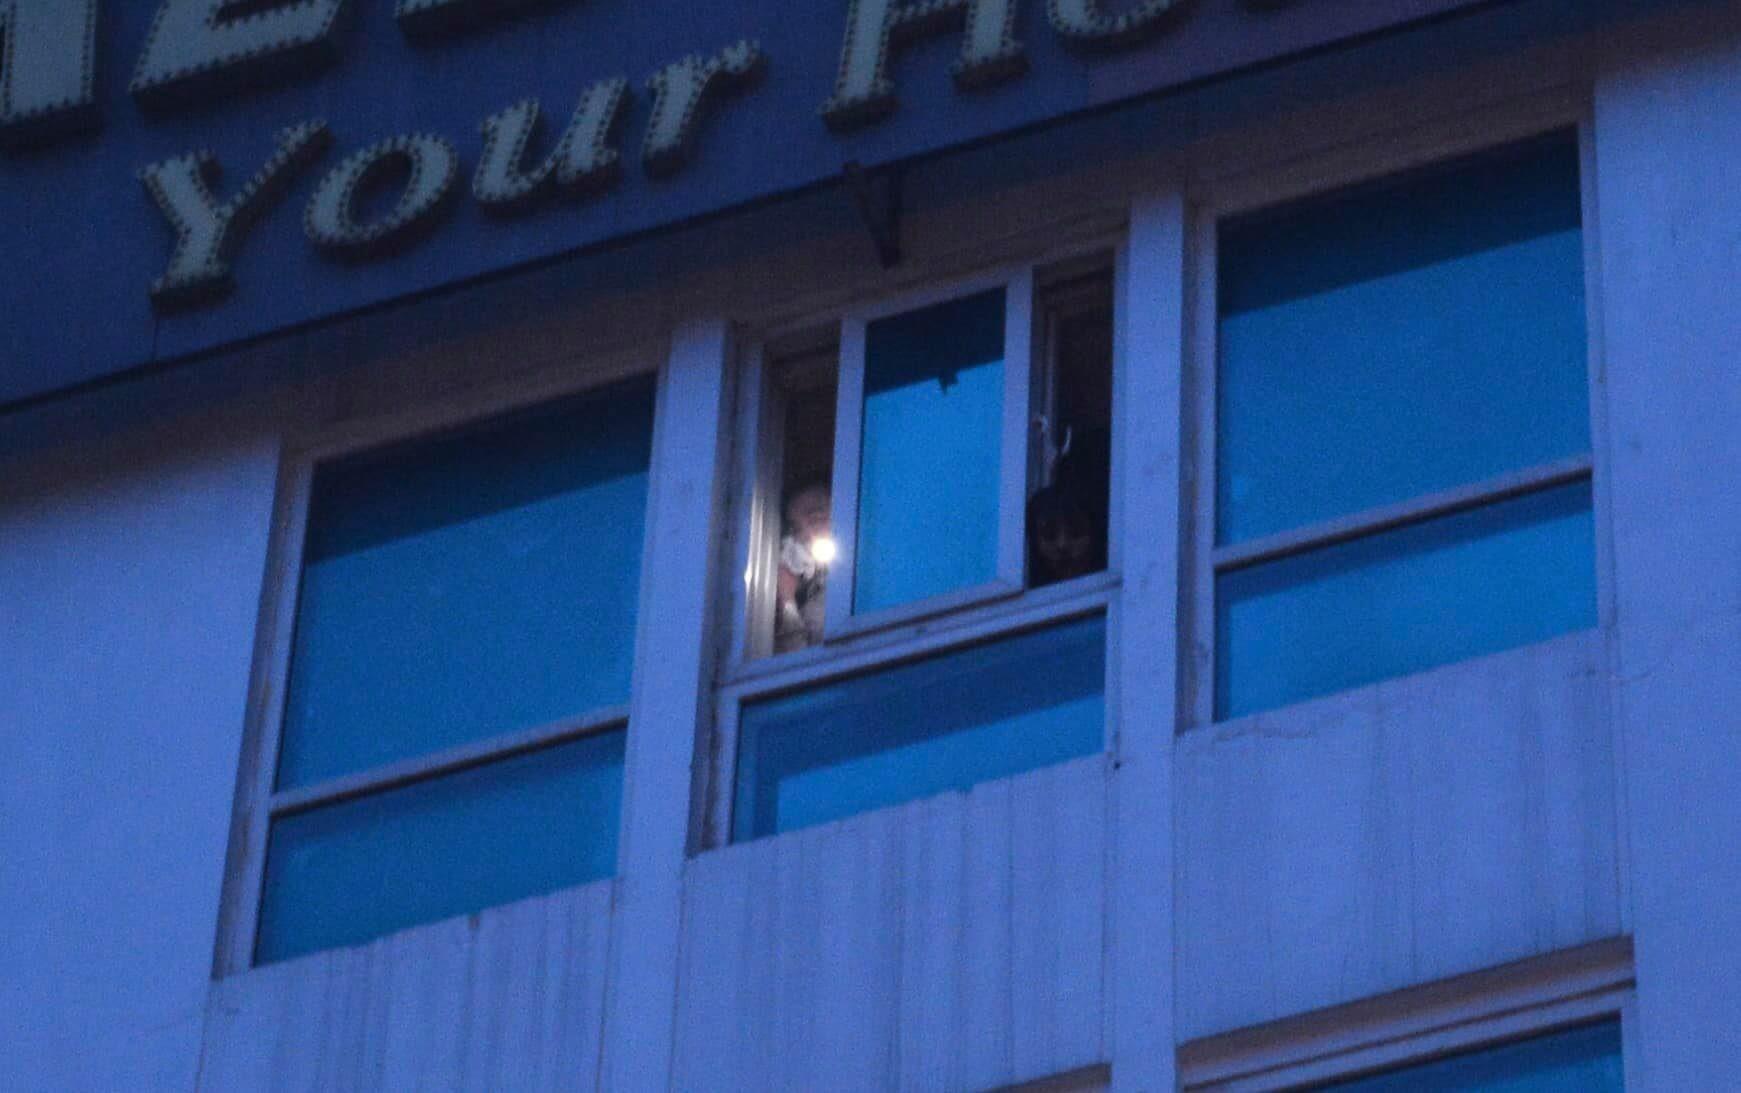 Cháy khách sạn trên phố cổ Hà Nội lúc sáng sớm, nhiều người chỉ kịp choàng khăn tắm hốt hoảng tháo chạy-2